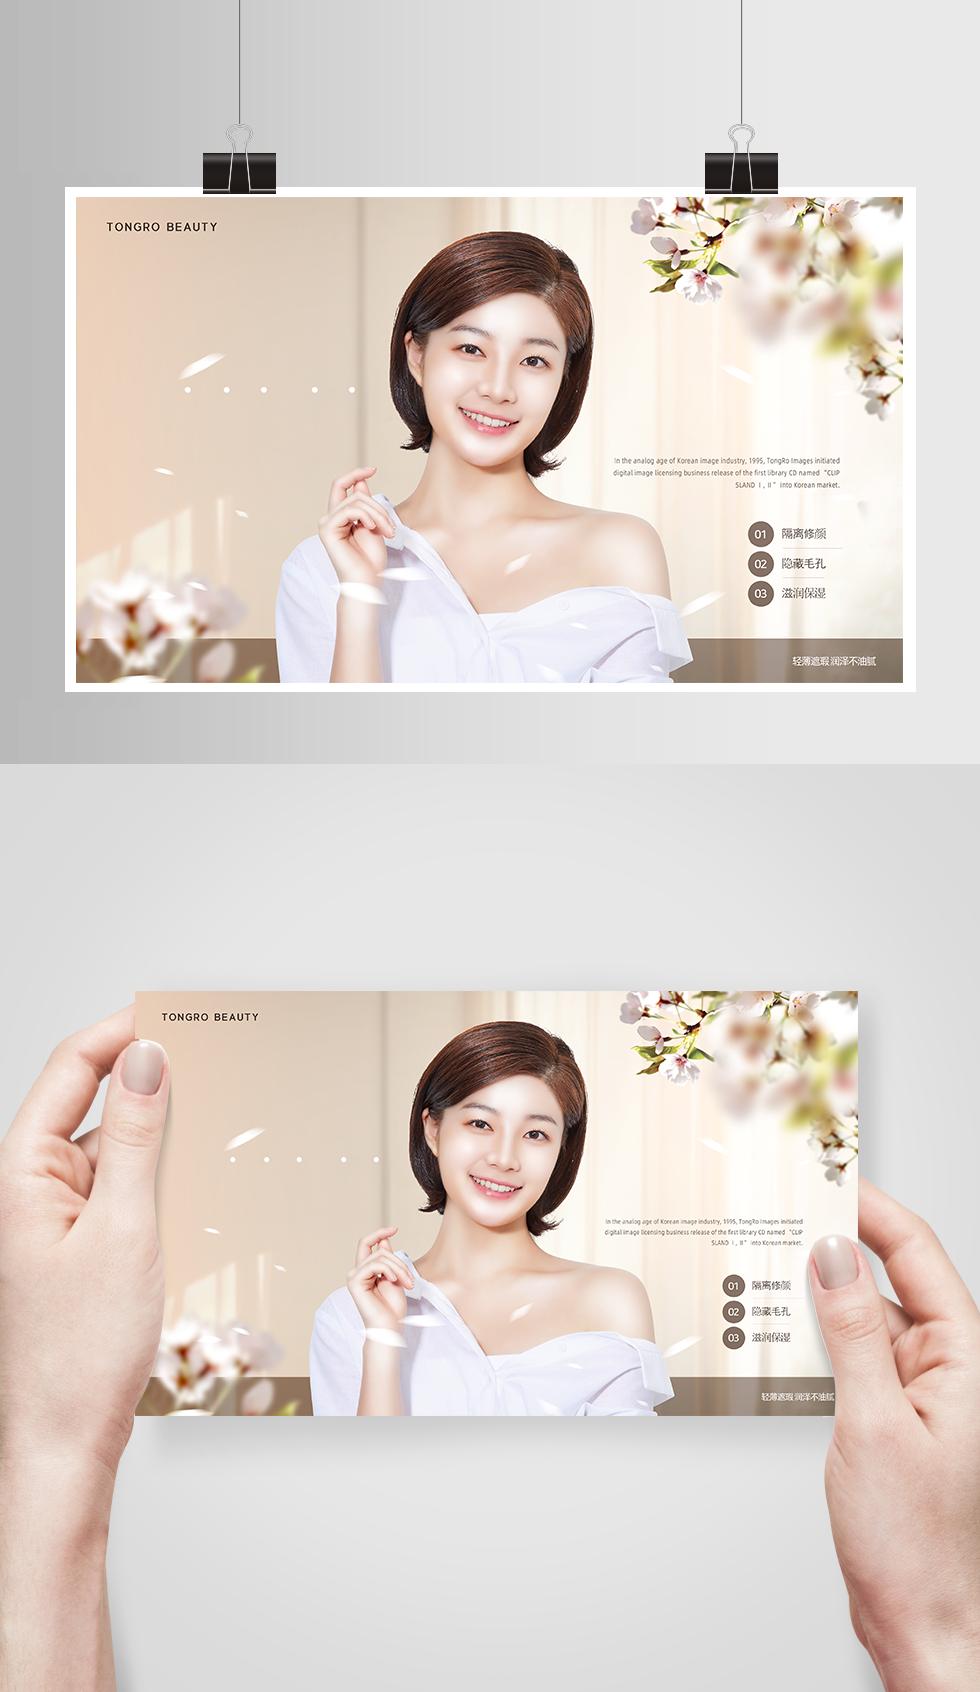 时尚美女护肤品BB霜遮瑕粉饼化妆品海报设计源文件